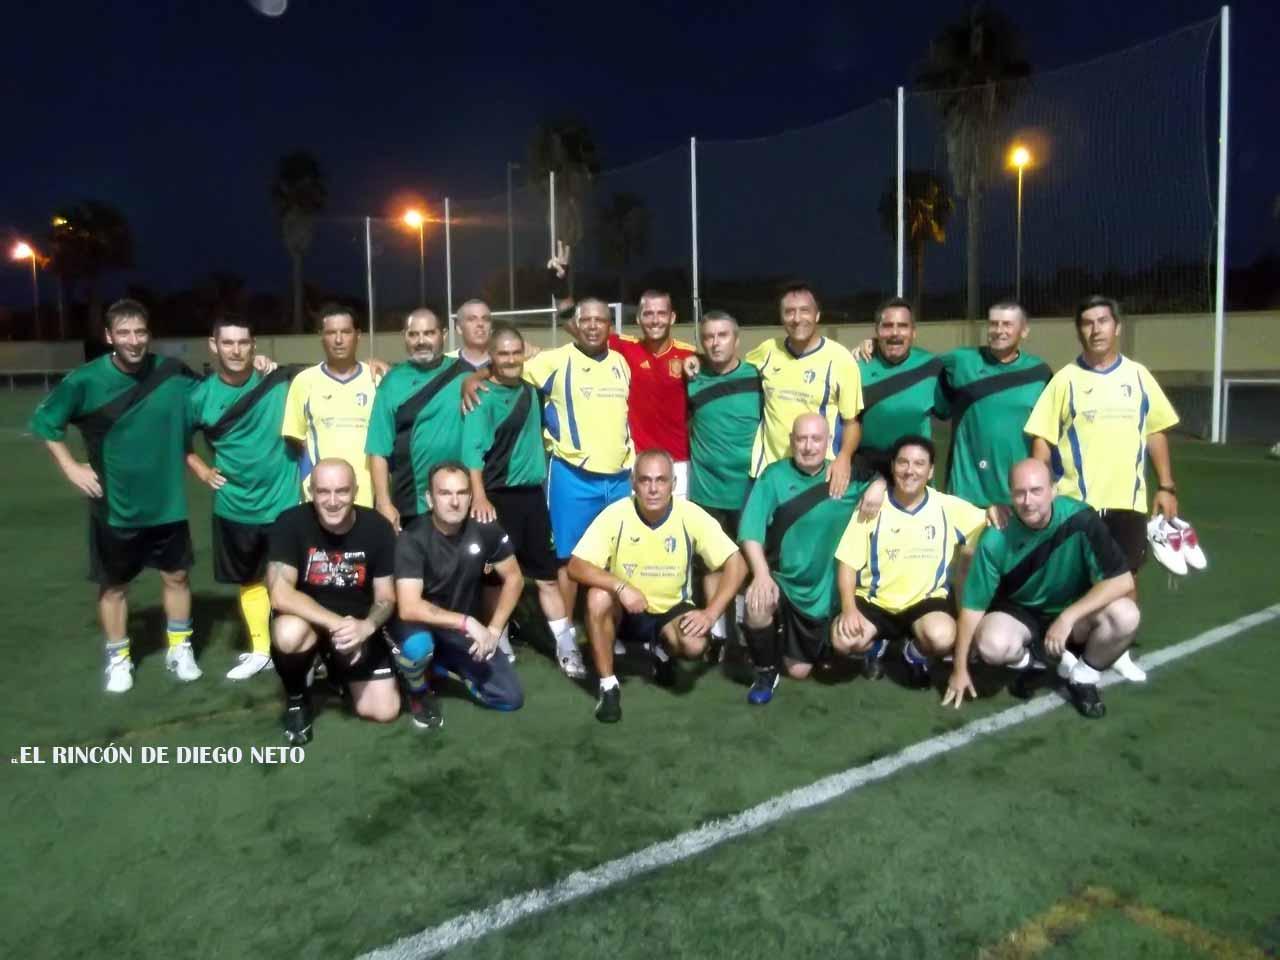 Veteranos Isla Cristina F.C. Campeones del Torneo de Veteranos de Fútbol 7 Ntra. Sra. del Carmen